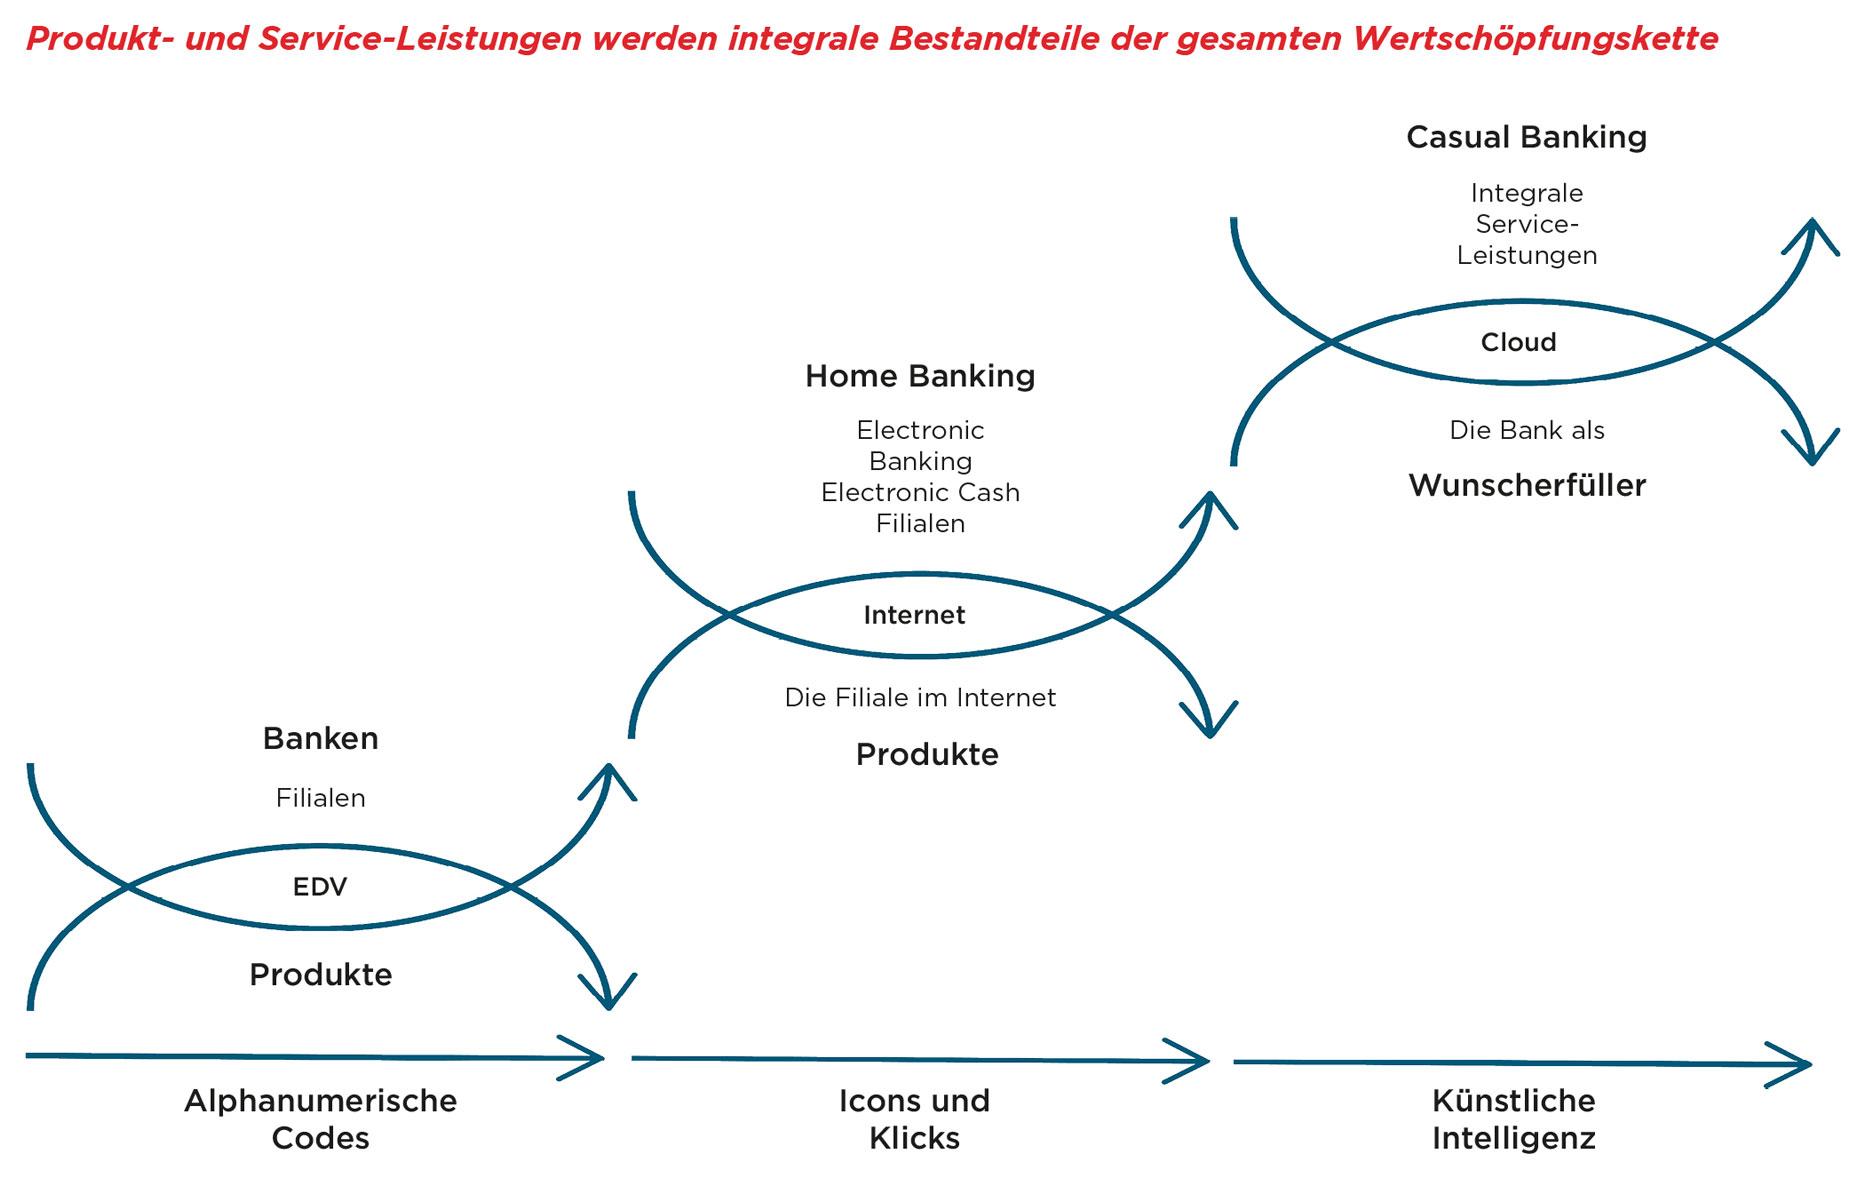 Bankkunden und ihre Entscheidungswege